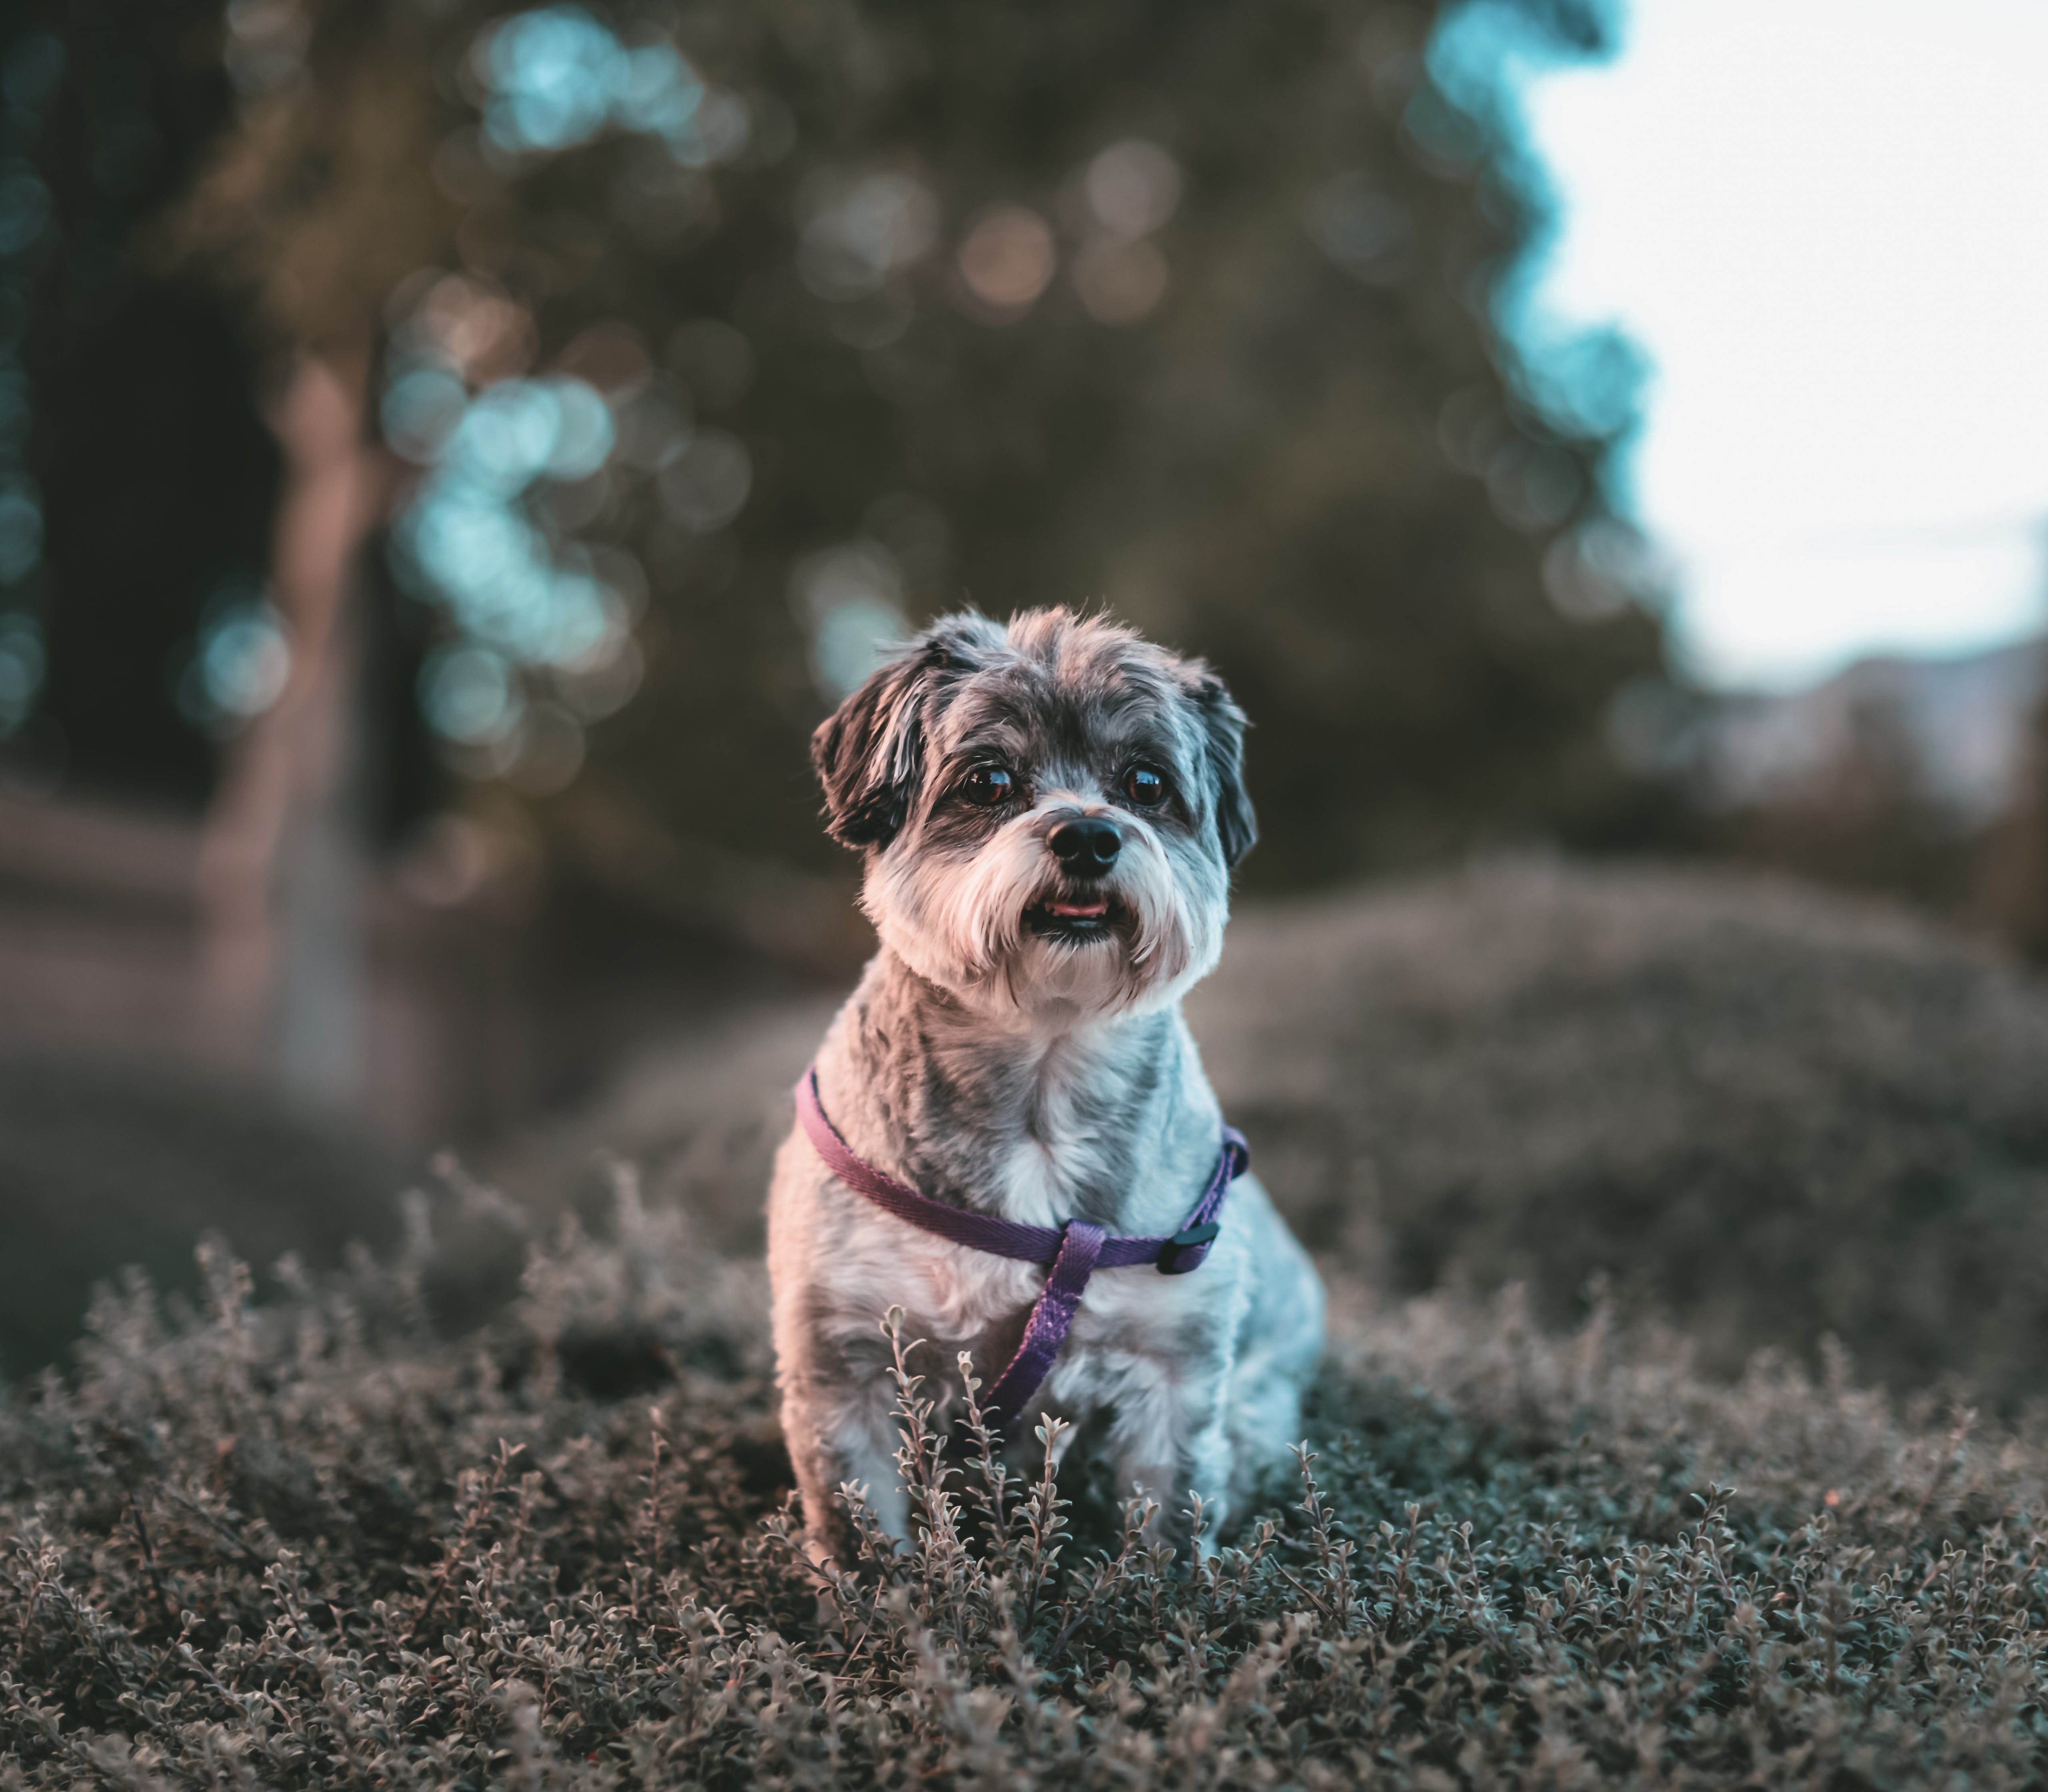 Fotos de stock gratuitas de adorable, animal, canino, fotografía de animales